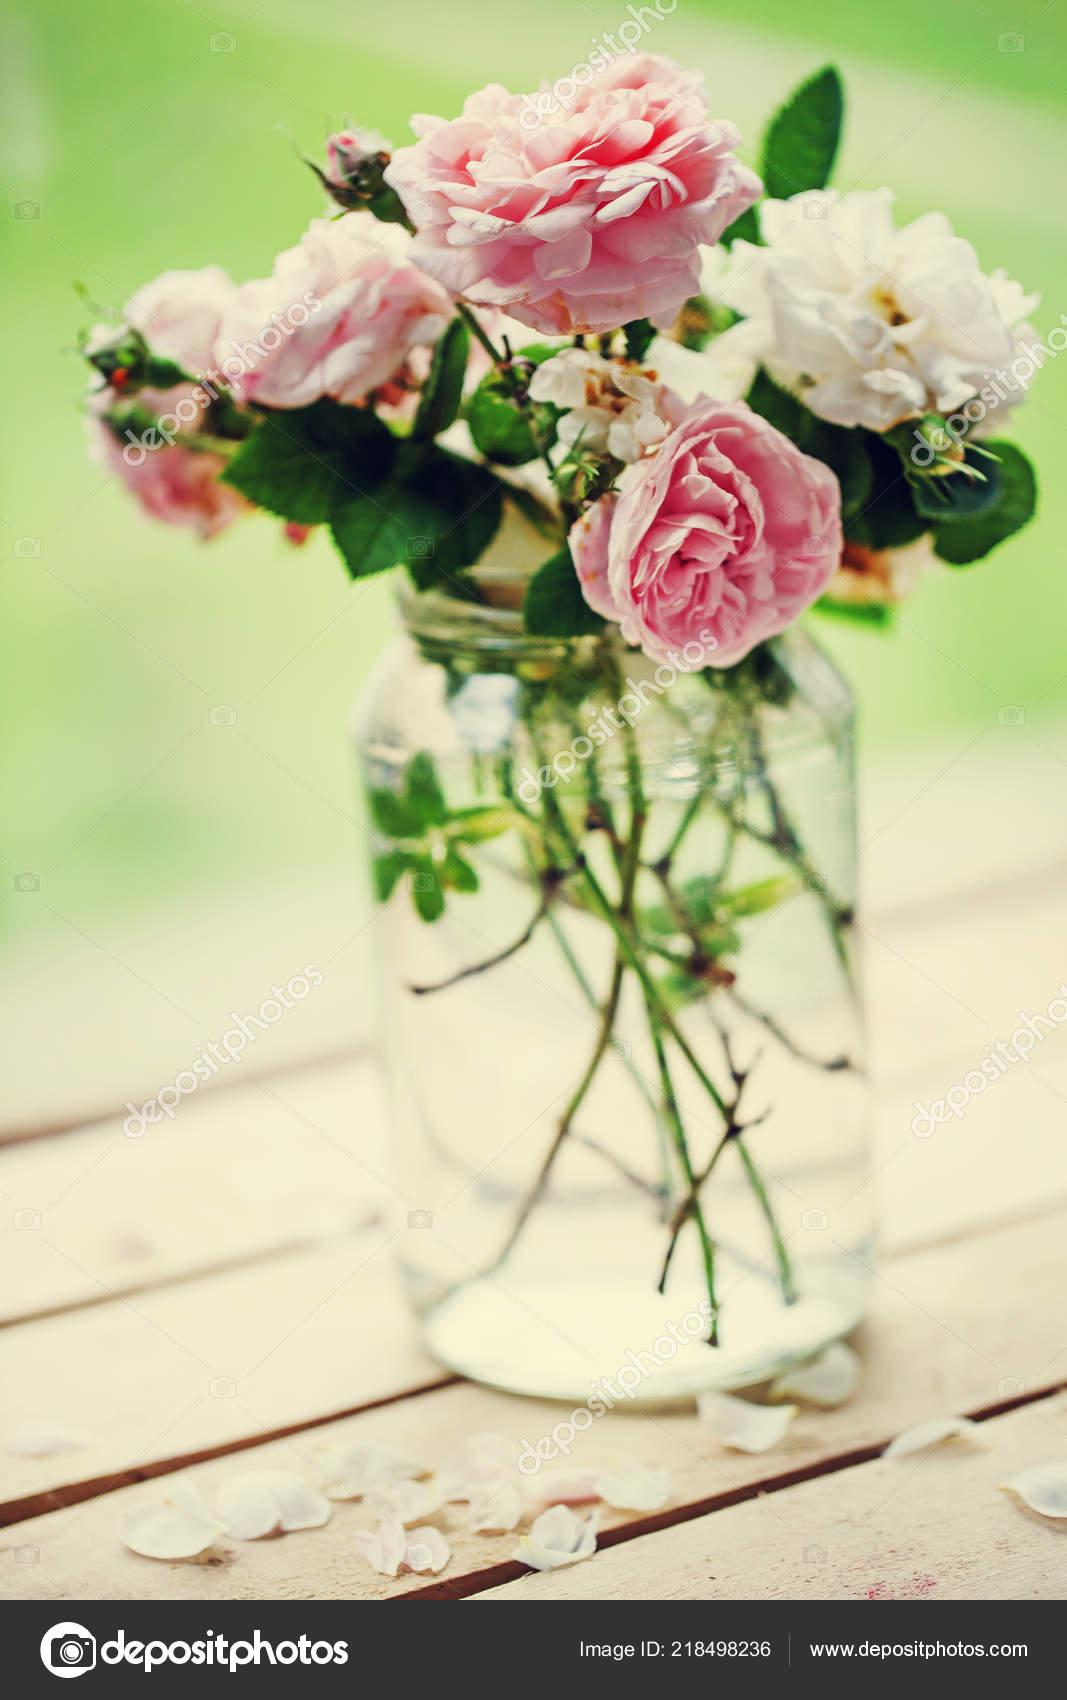 Roses Pivoine Rose Blanc Dans Recipient Sur Table Jardin Bois